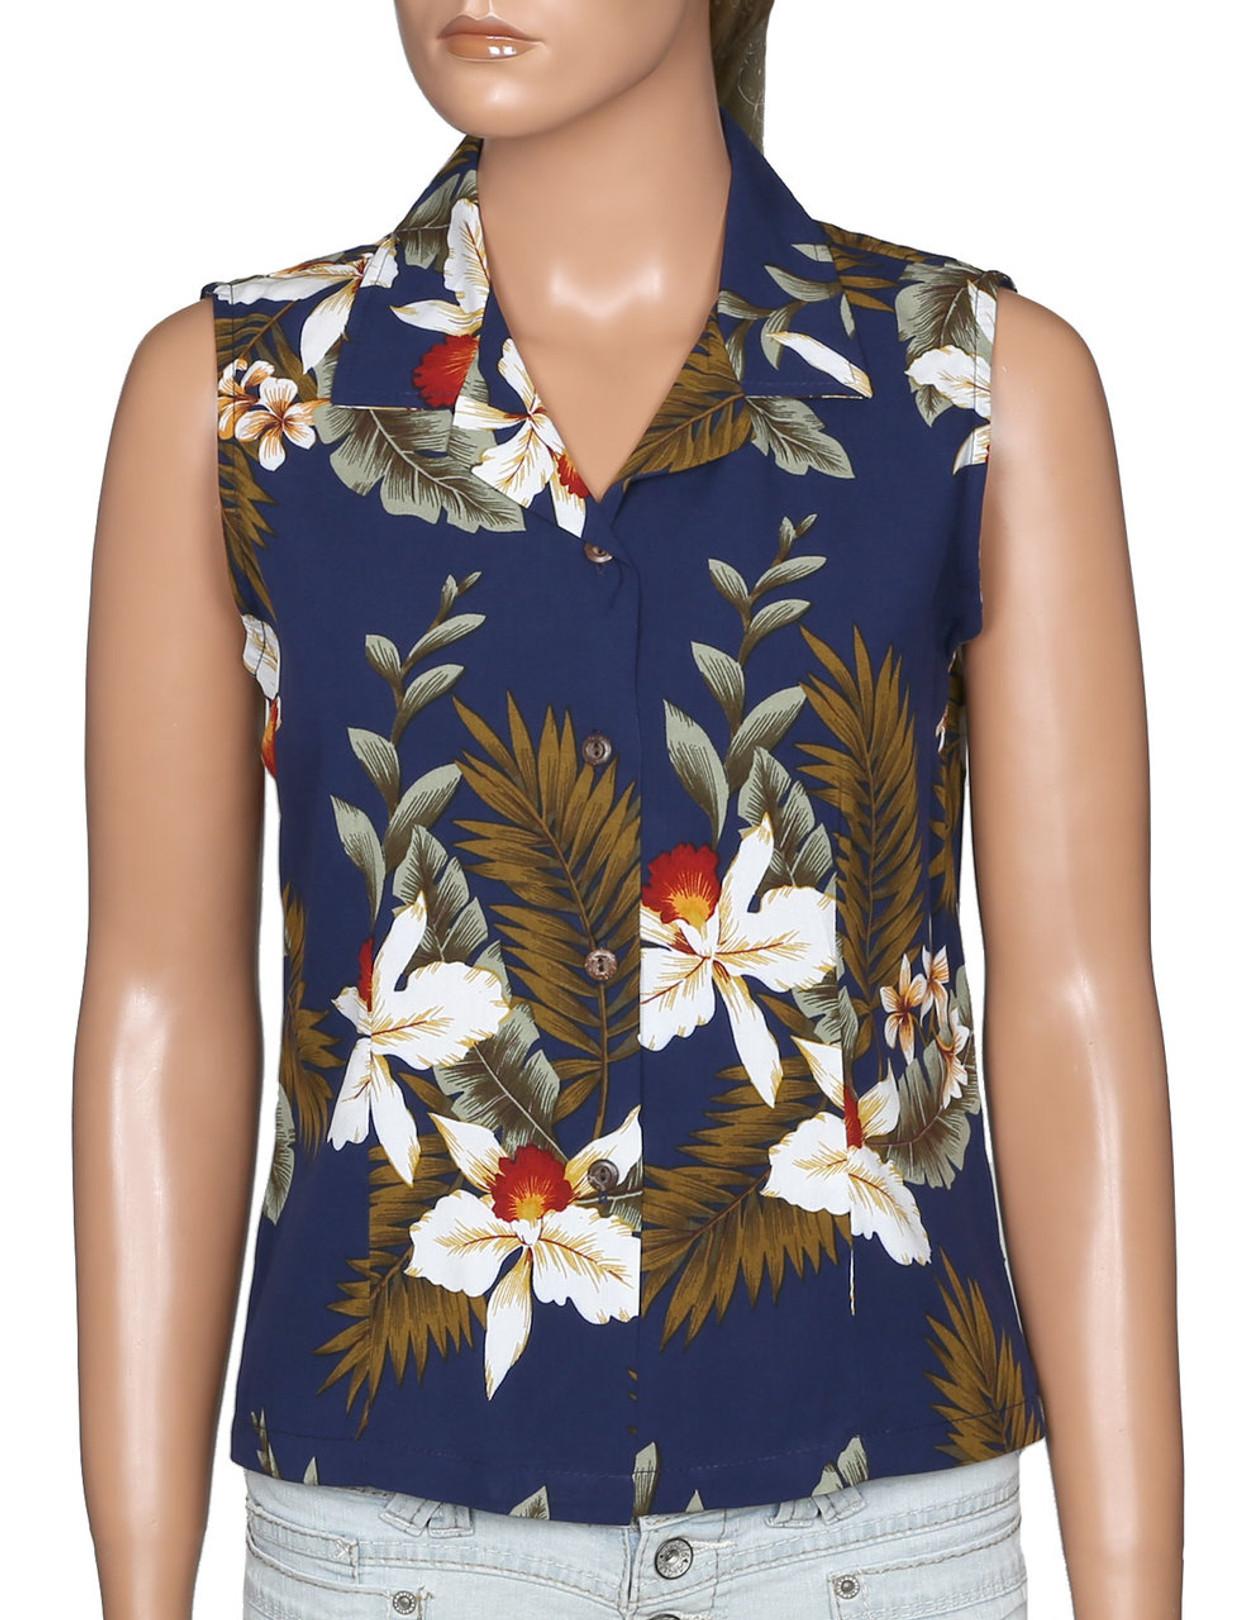 18ddad277ca37 Orchids Hanapepe Aloha Sleeveless Rayon Blouse 100% Rayon Soft Fabric  Slimming Front and Back Darts